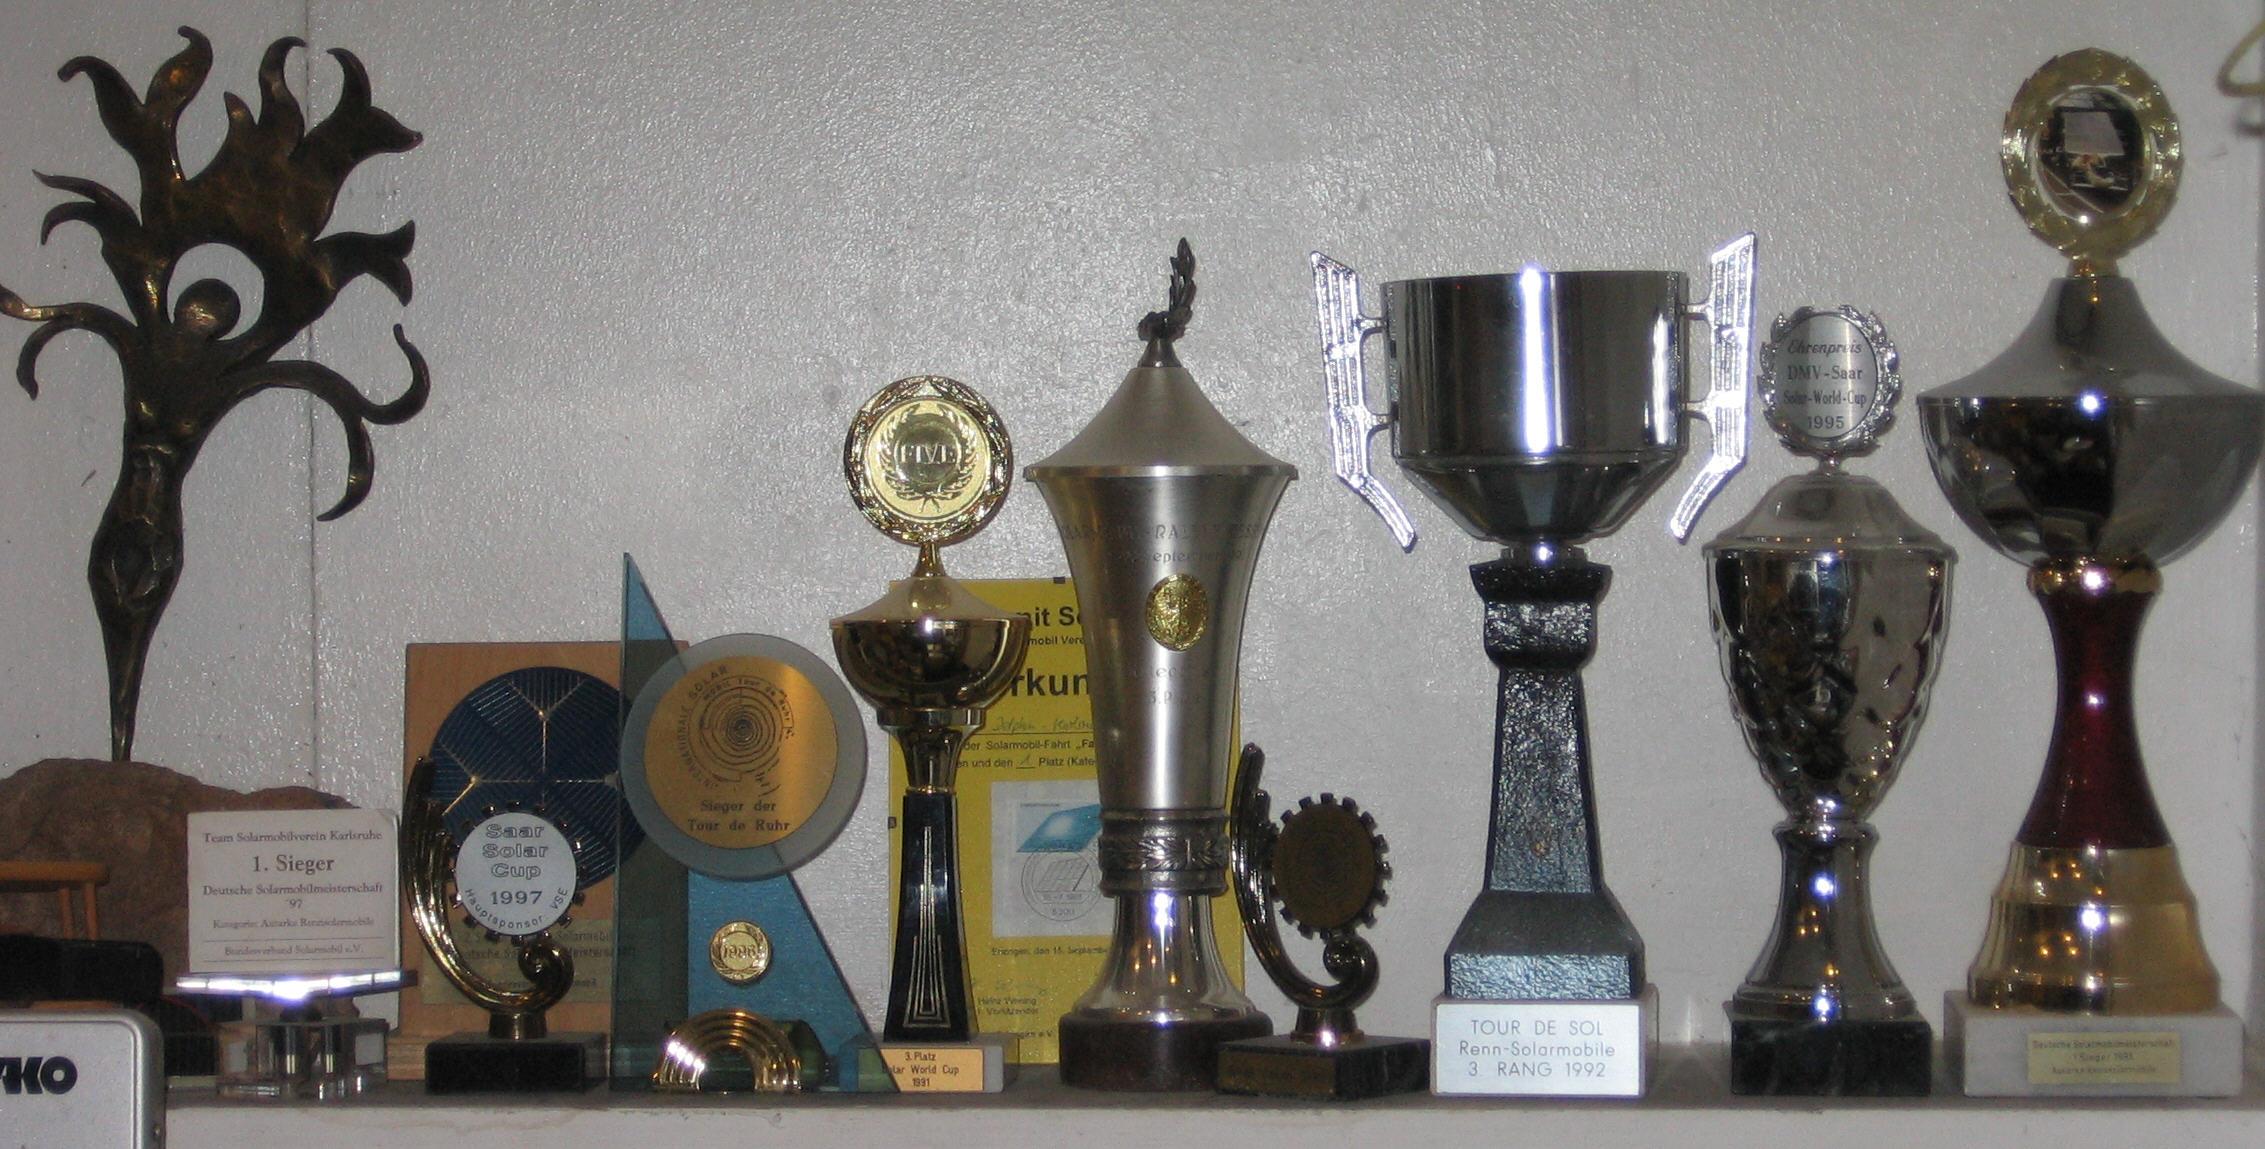 Pokale II